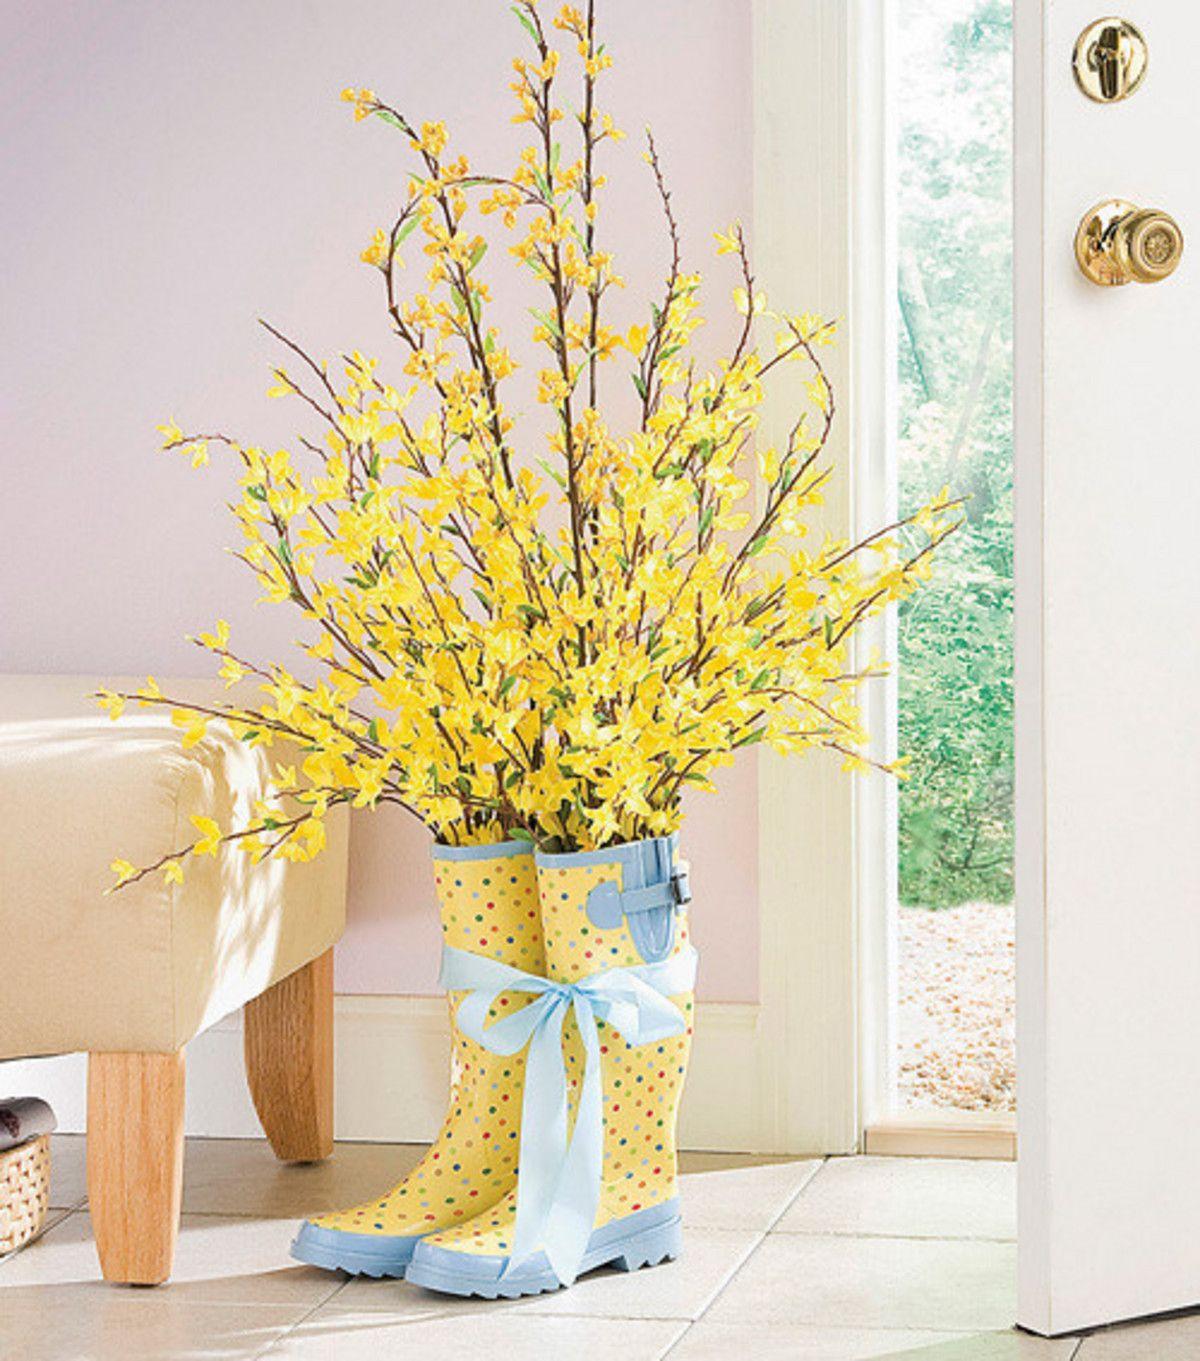 7 Creative Decor Ideas For Spring And Summer Zing Blog By Quicken Loans Spring Decor Diy Creative Decor Spring Diy